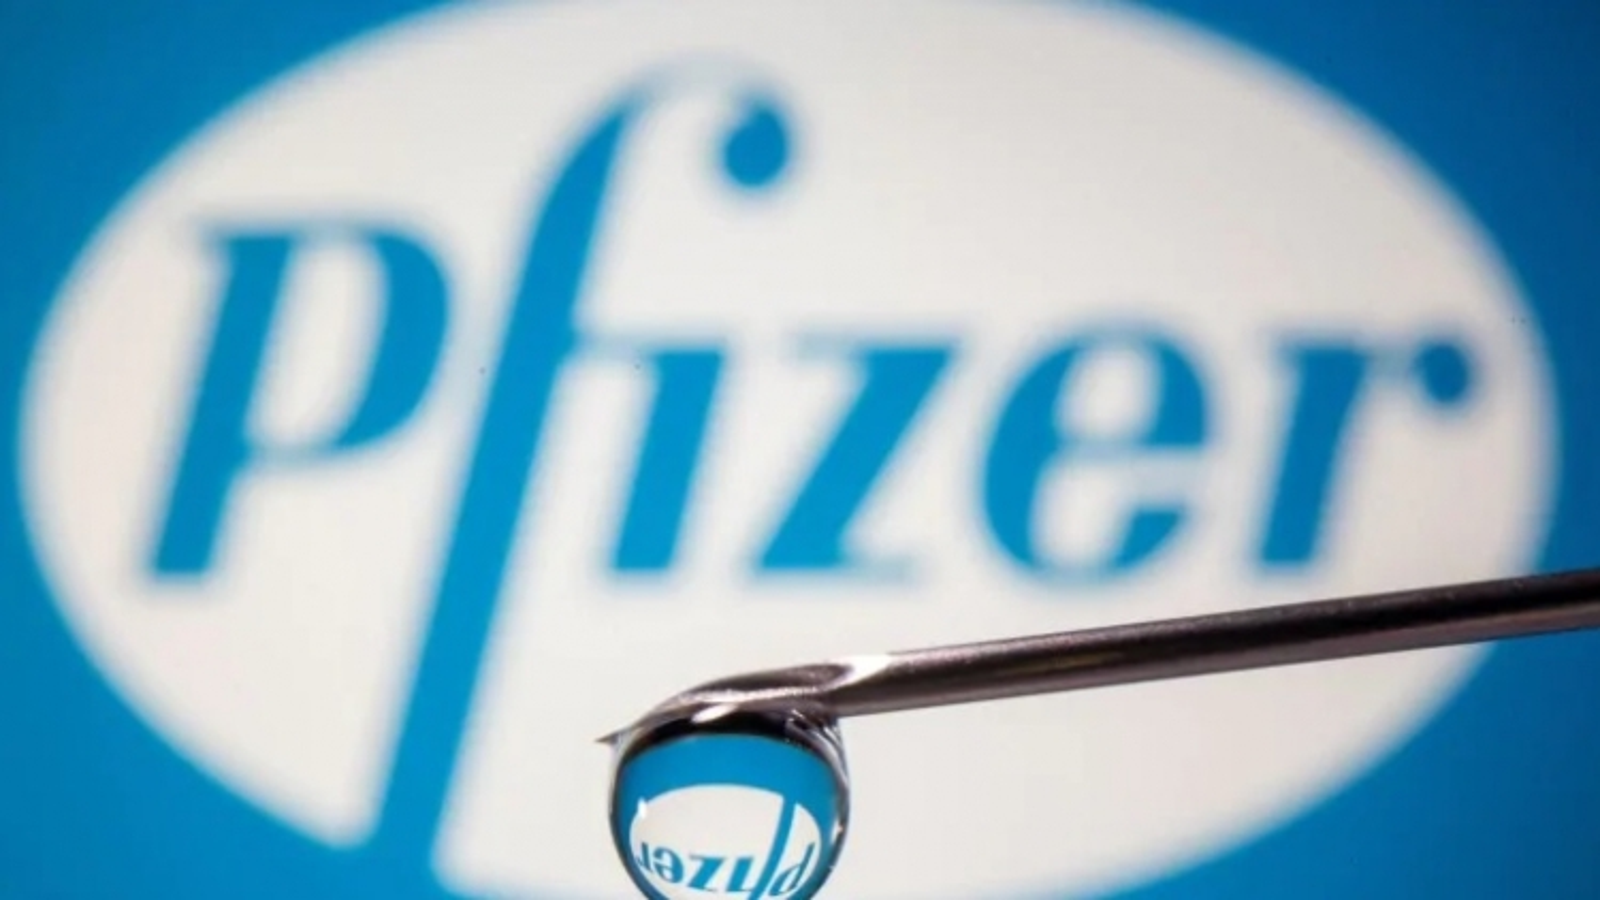 Pfizer, BioNTech xin cấp phép sử dụng khẩn cấp vaccine ngừa Covid-19 tại Mỹ